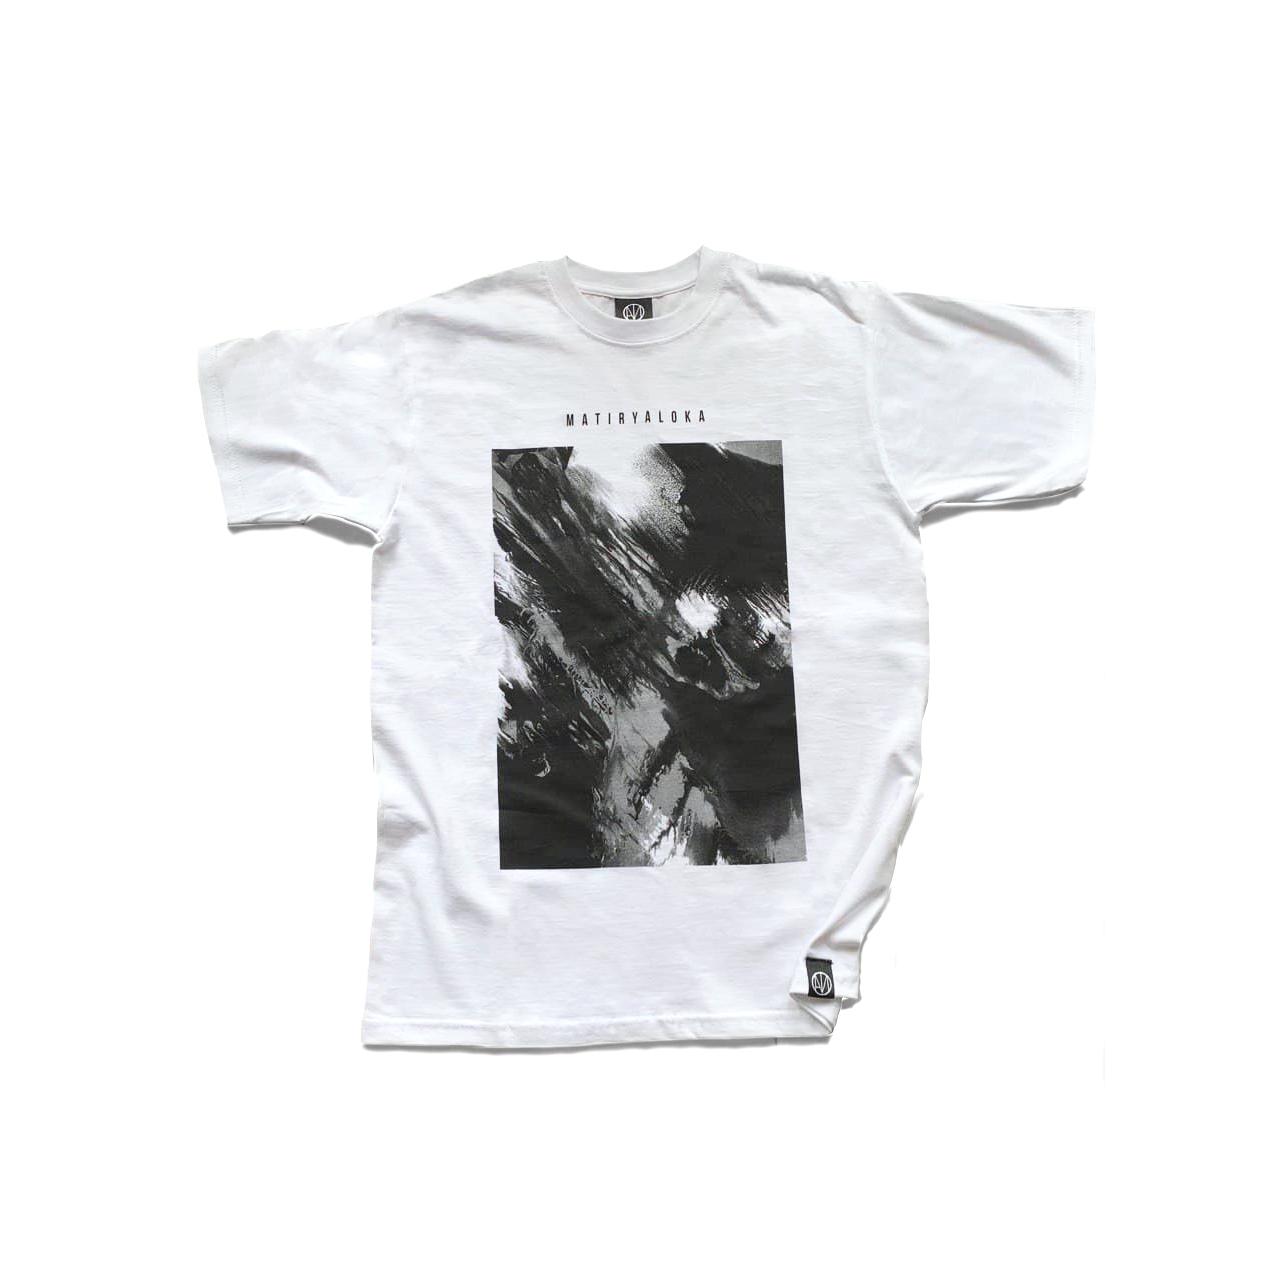 Matiryaloka - Shirt